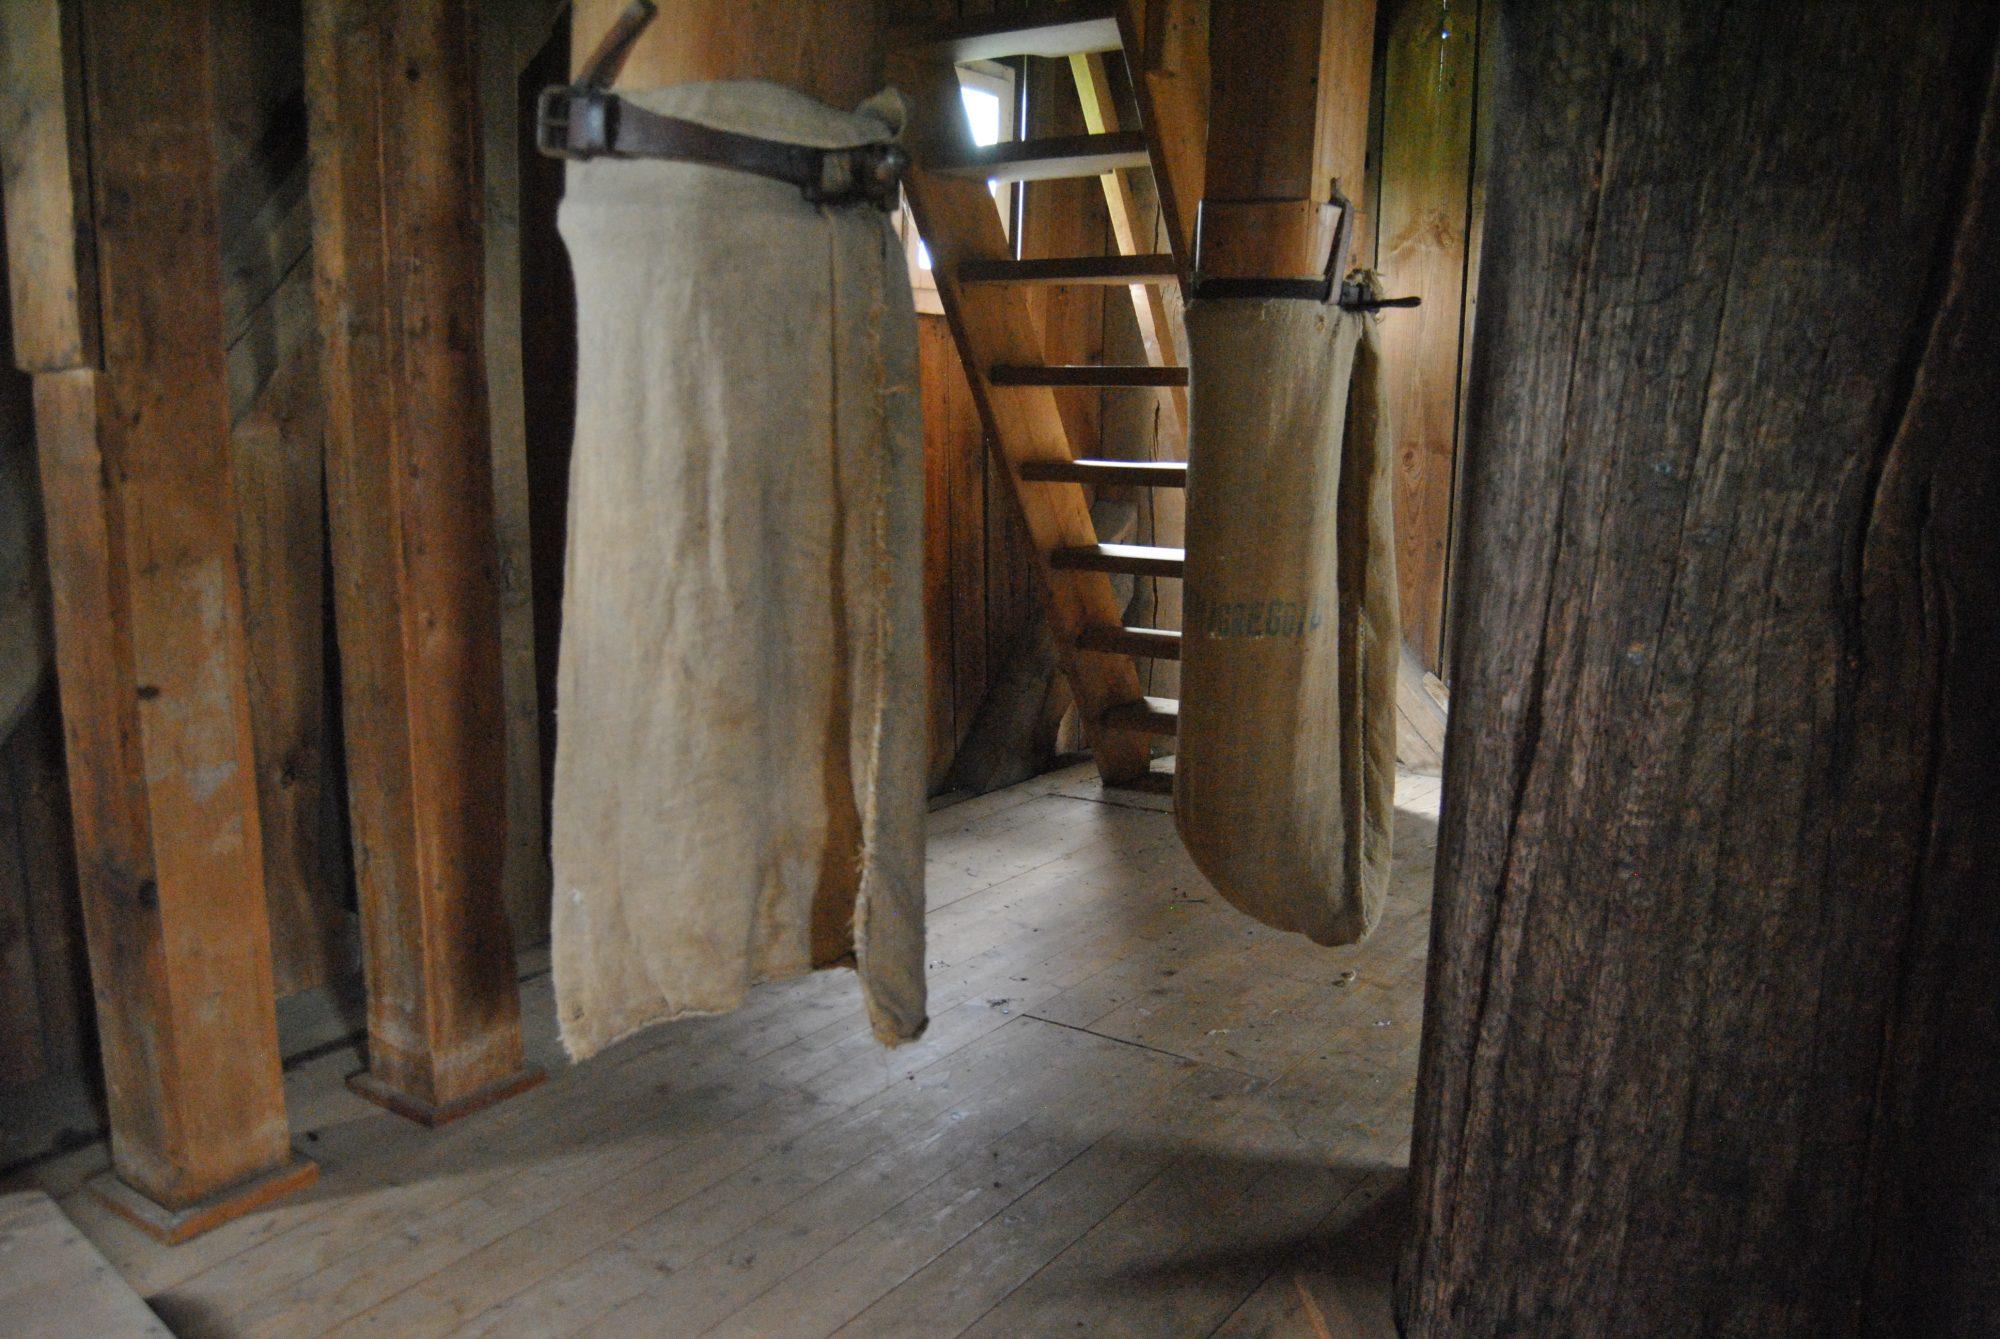 Alte Mehlsäcke in die das frisch gemahlene Mehl fiel (1)